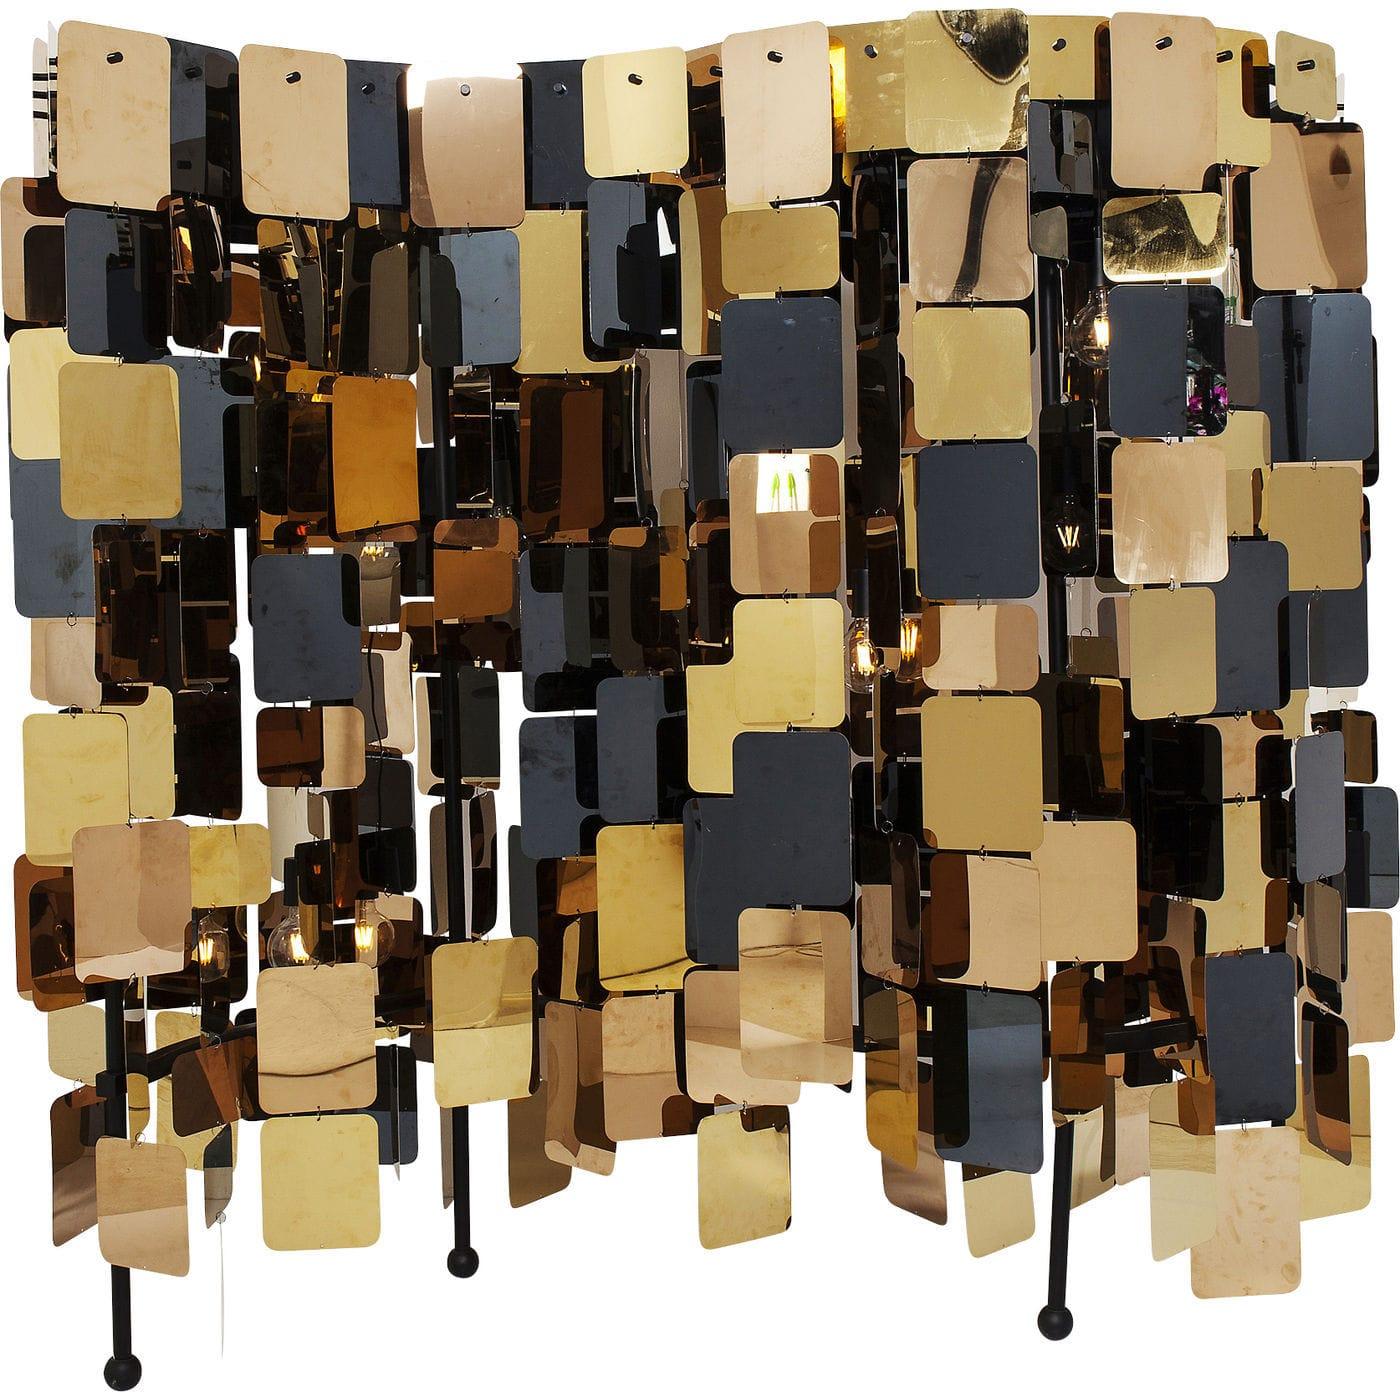 kare design – Kare design city nights squares gulvlampe - guld/kobber/sort stål (180cm) fra boboonline.dk